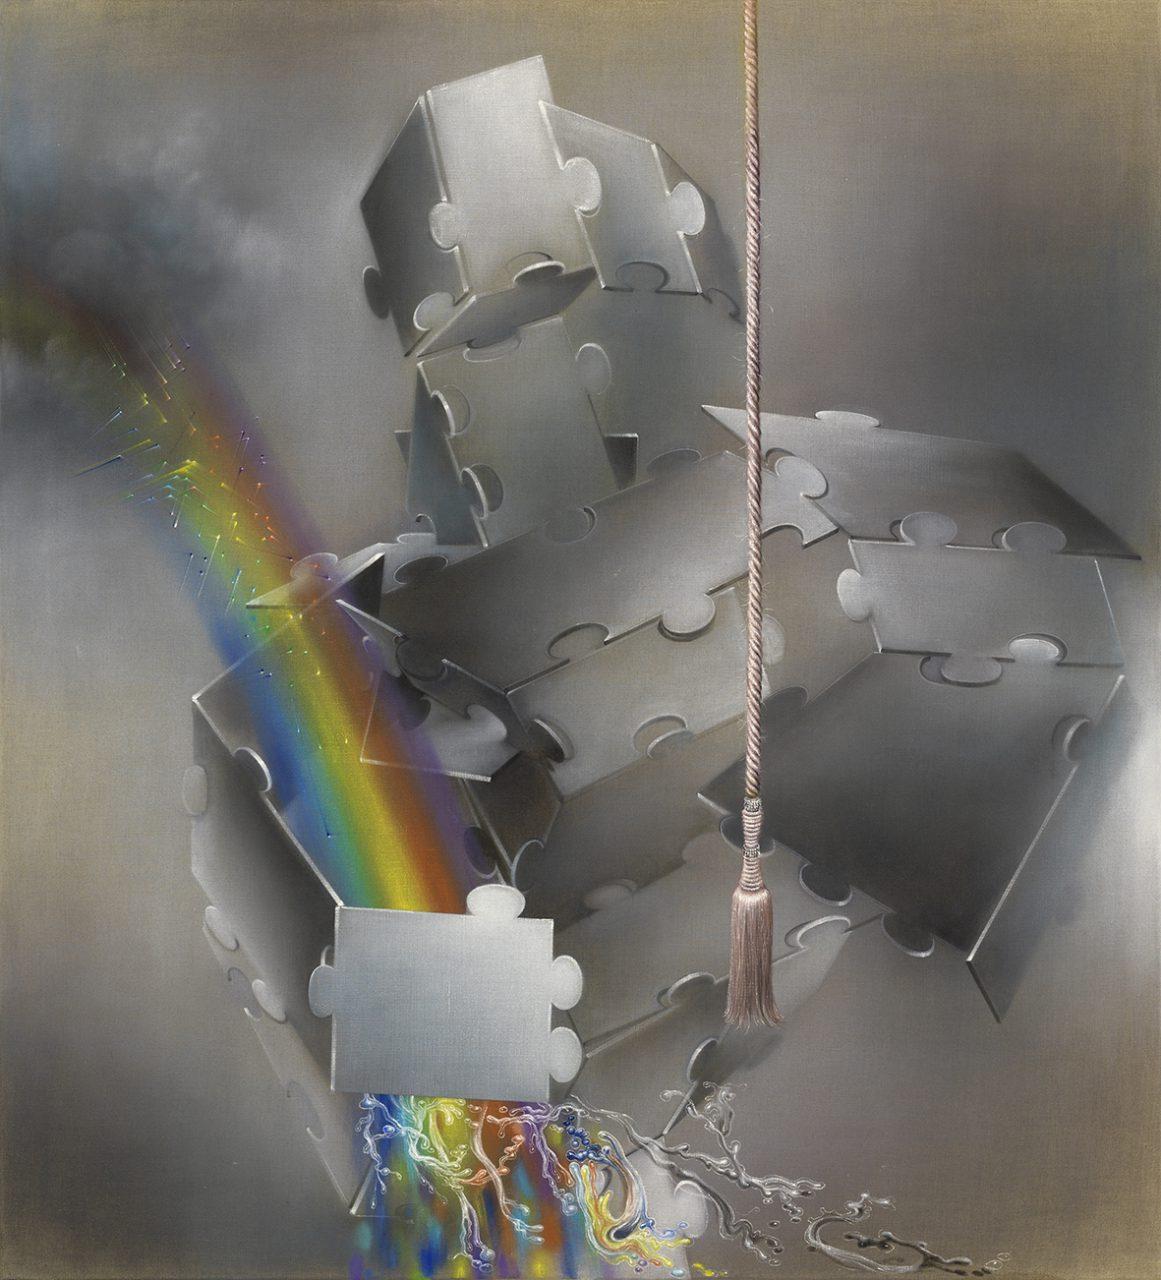 Rainbow Worrier 2014, 160x145 cm, Oil on raw canvas